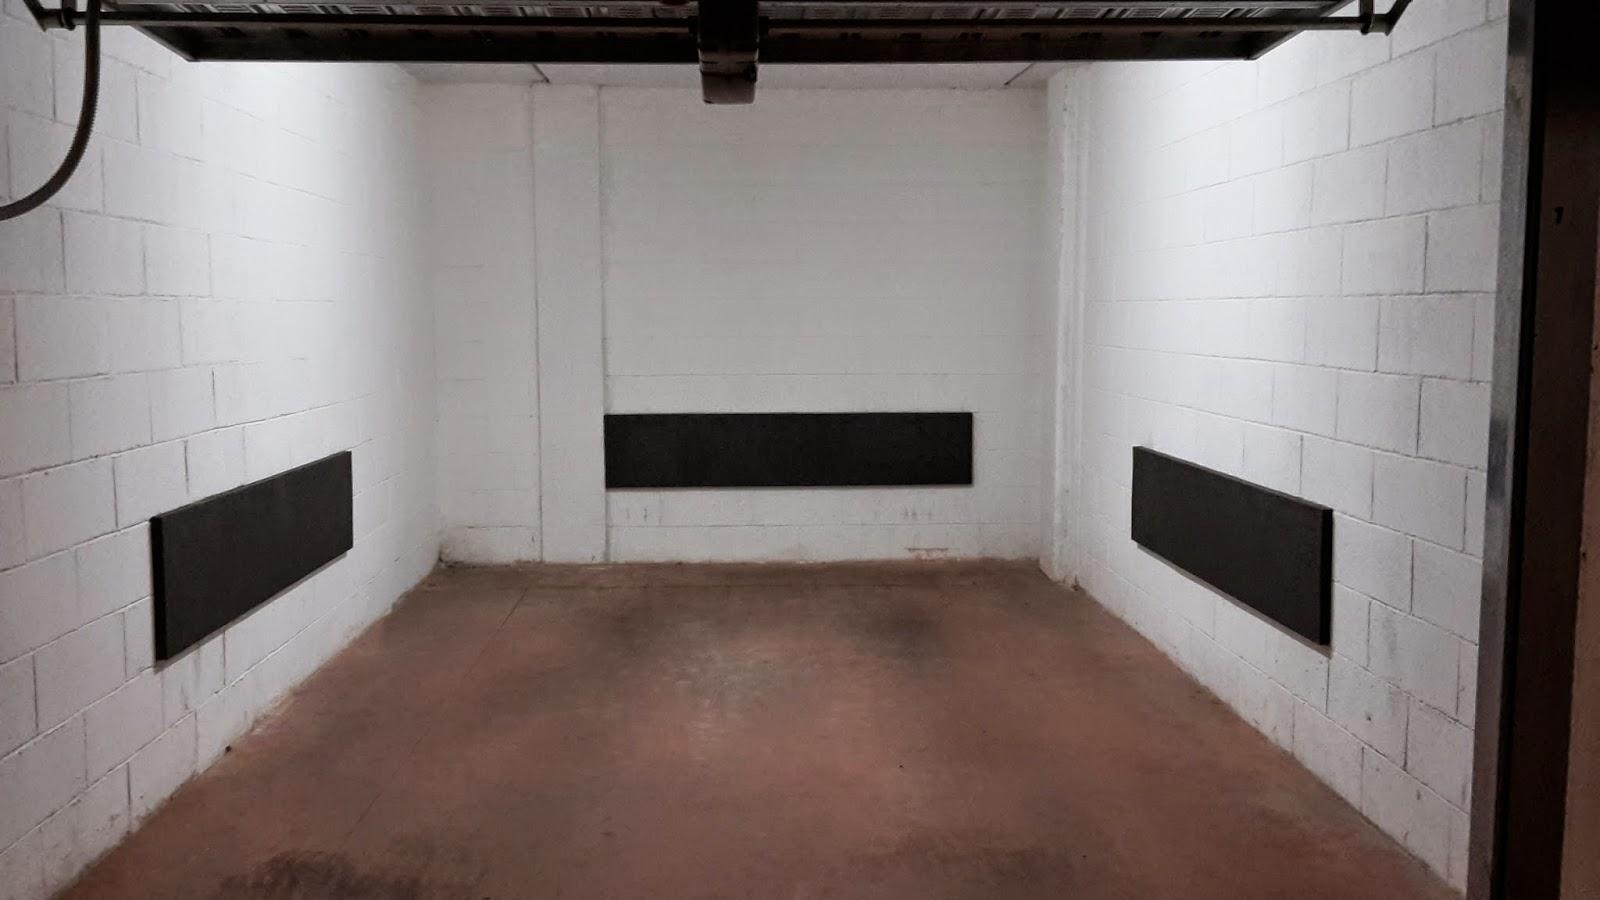 Fasce paracolpi paraurti per box e garage materassi e for 2 piani di box auto gratuiti